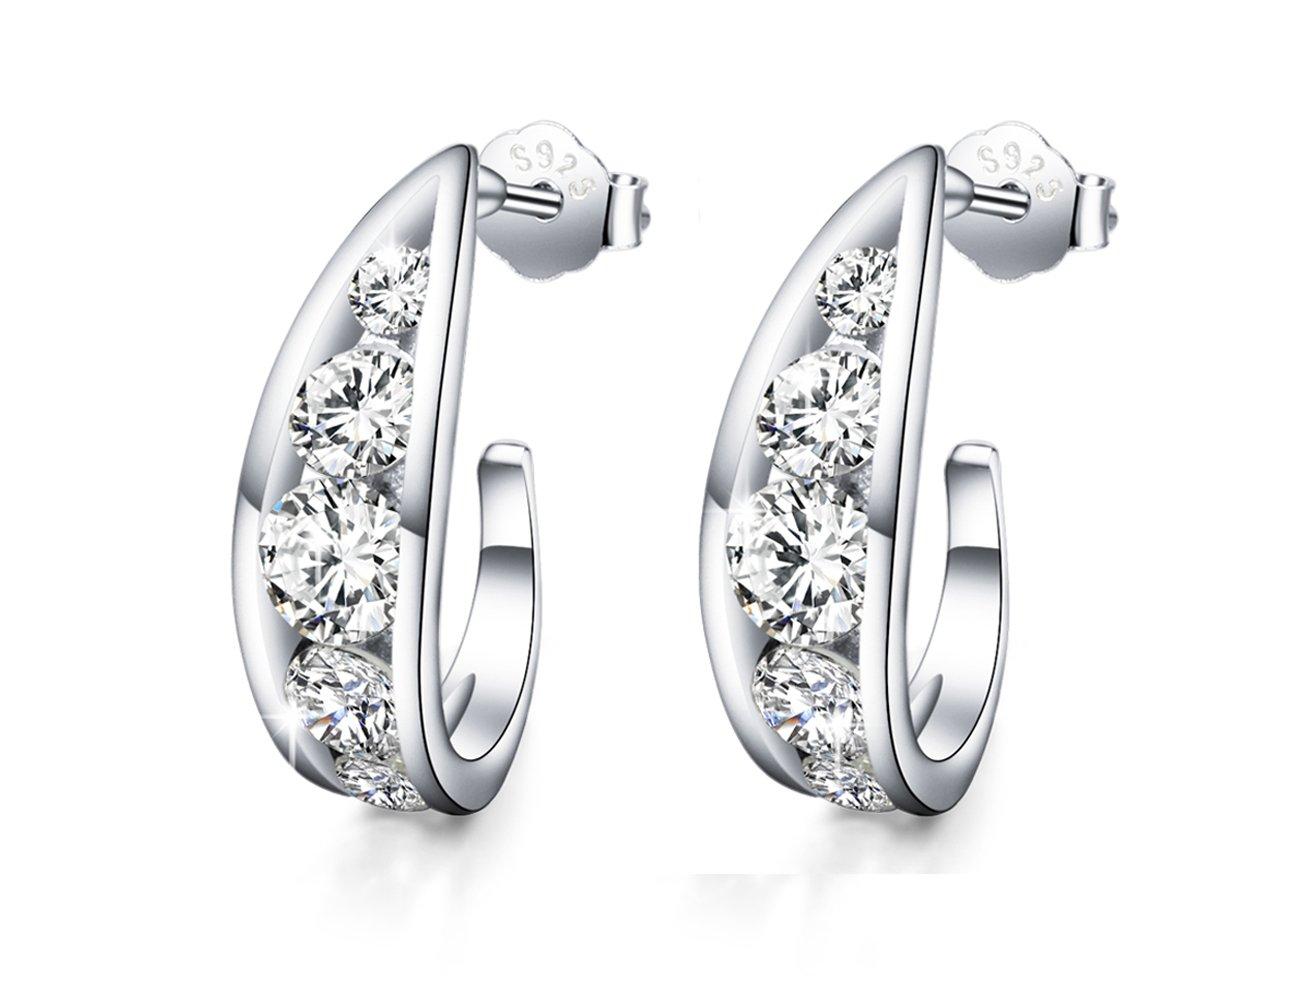 ''Crystal Love''925 Sterling Silver Filigree Half Hoop Earrings Hollow AAA Zircon Ear Studs(diamond)